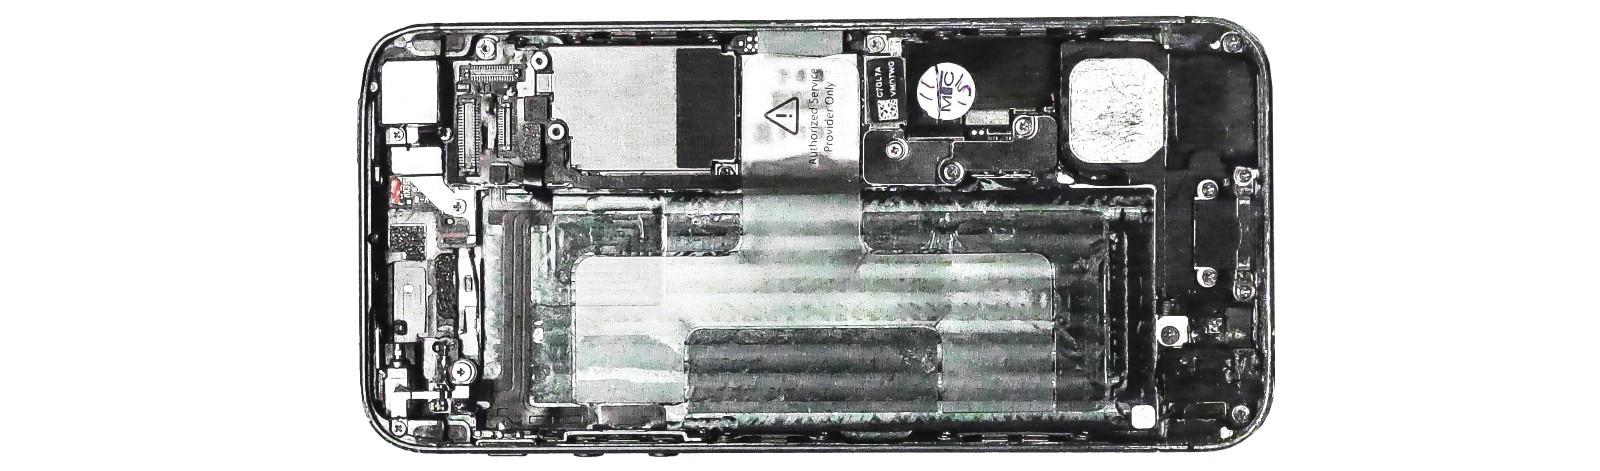 Ein Smartphone geöffnet von hinten ohne Akku. Technische Teile sind zu sehen.